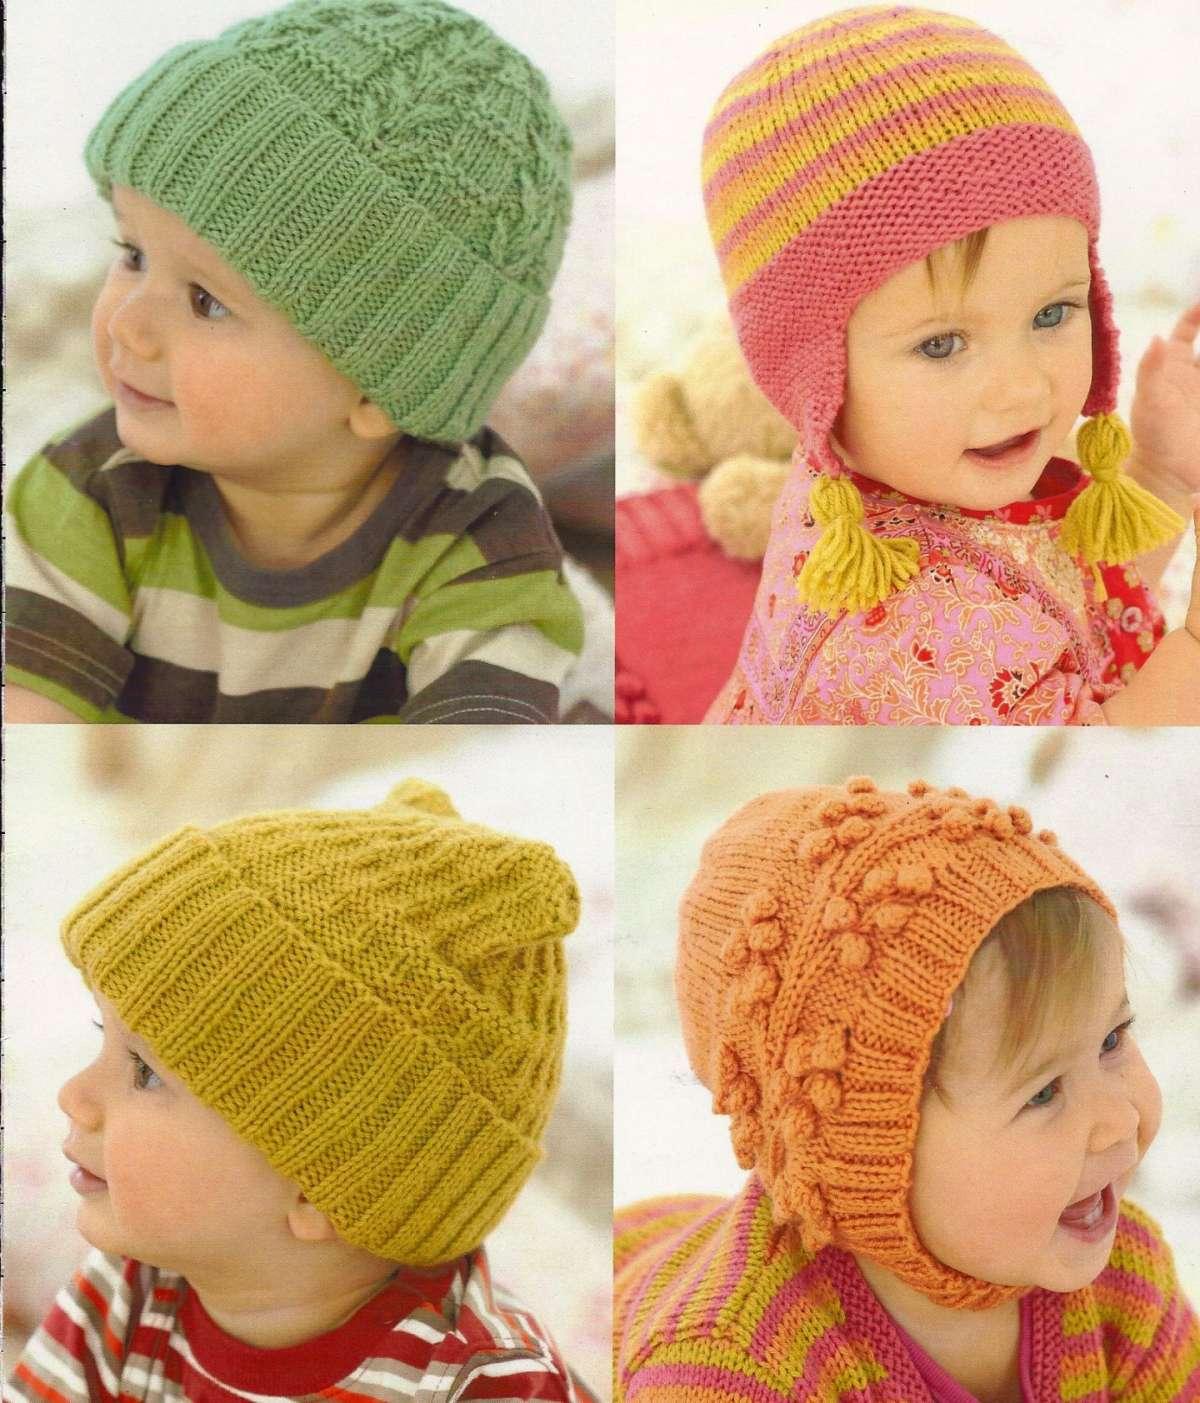 Schemi maglia: realizzare un cappellino per neonato [FOTO]